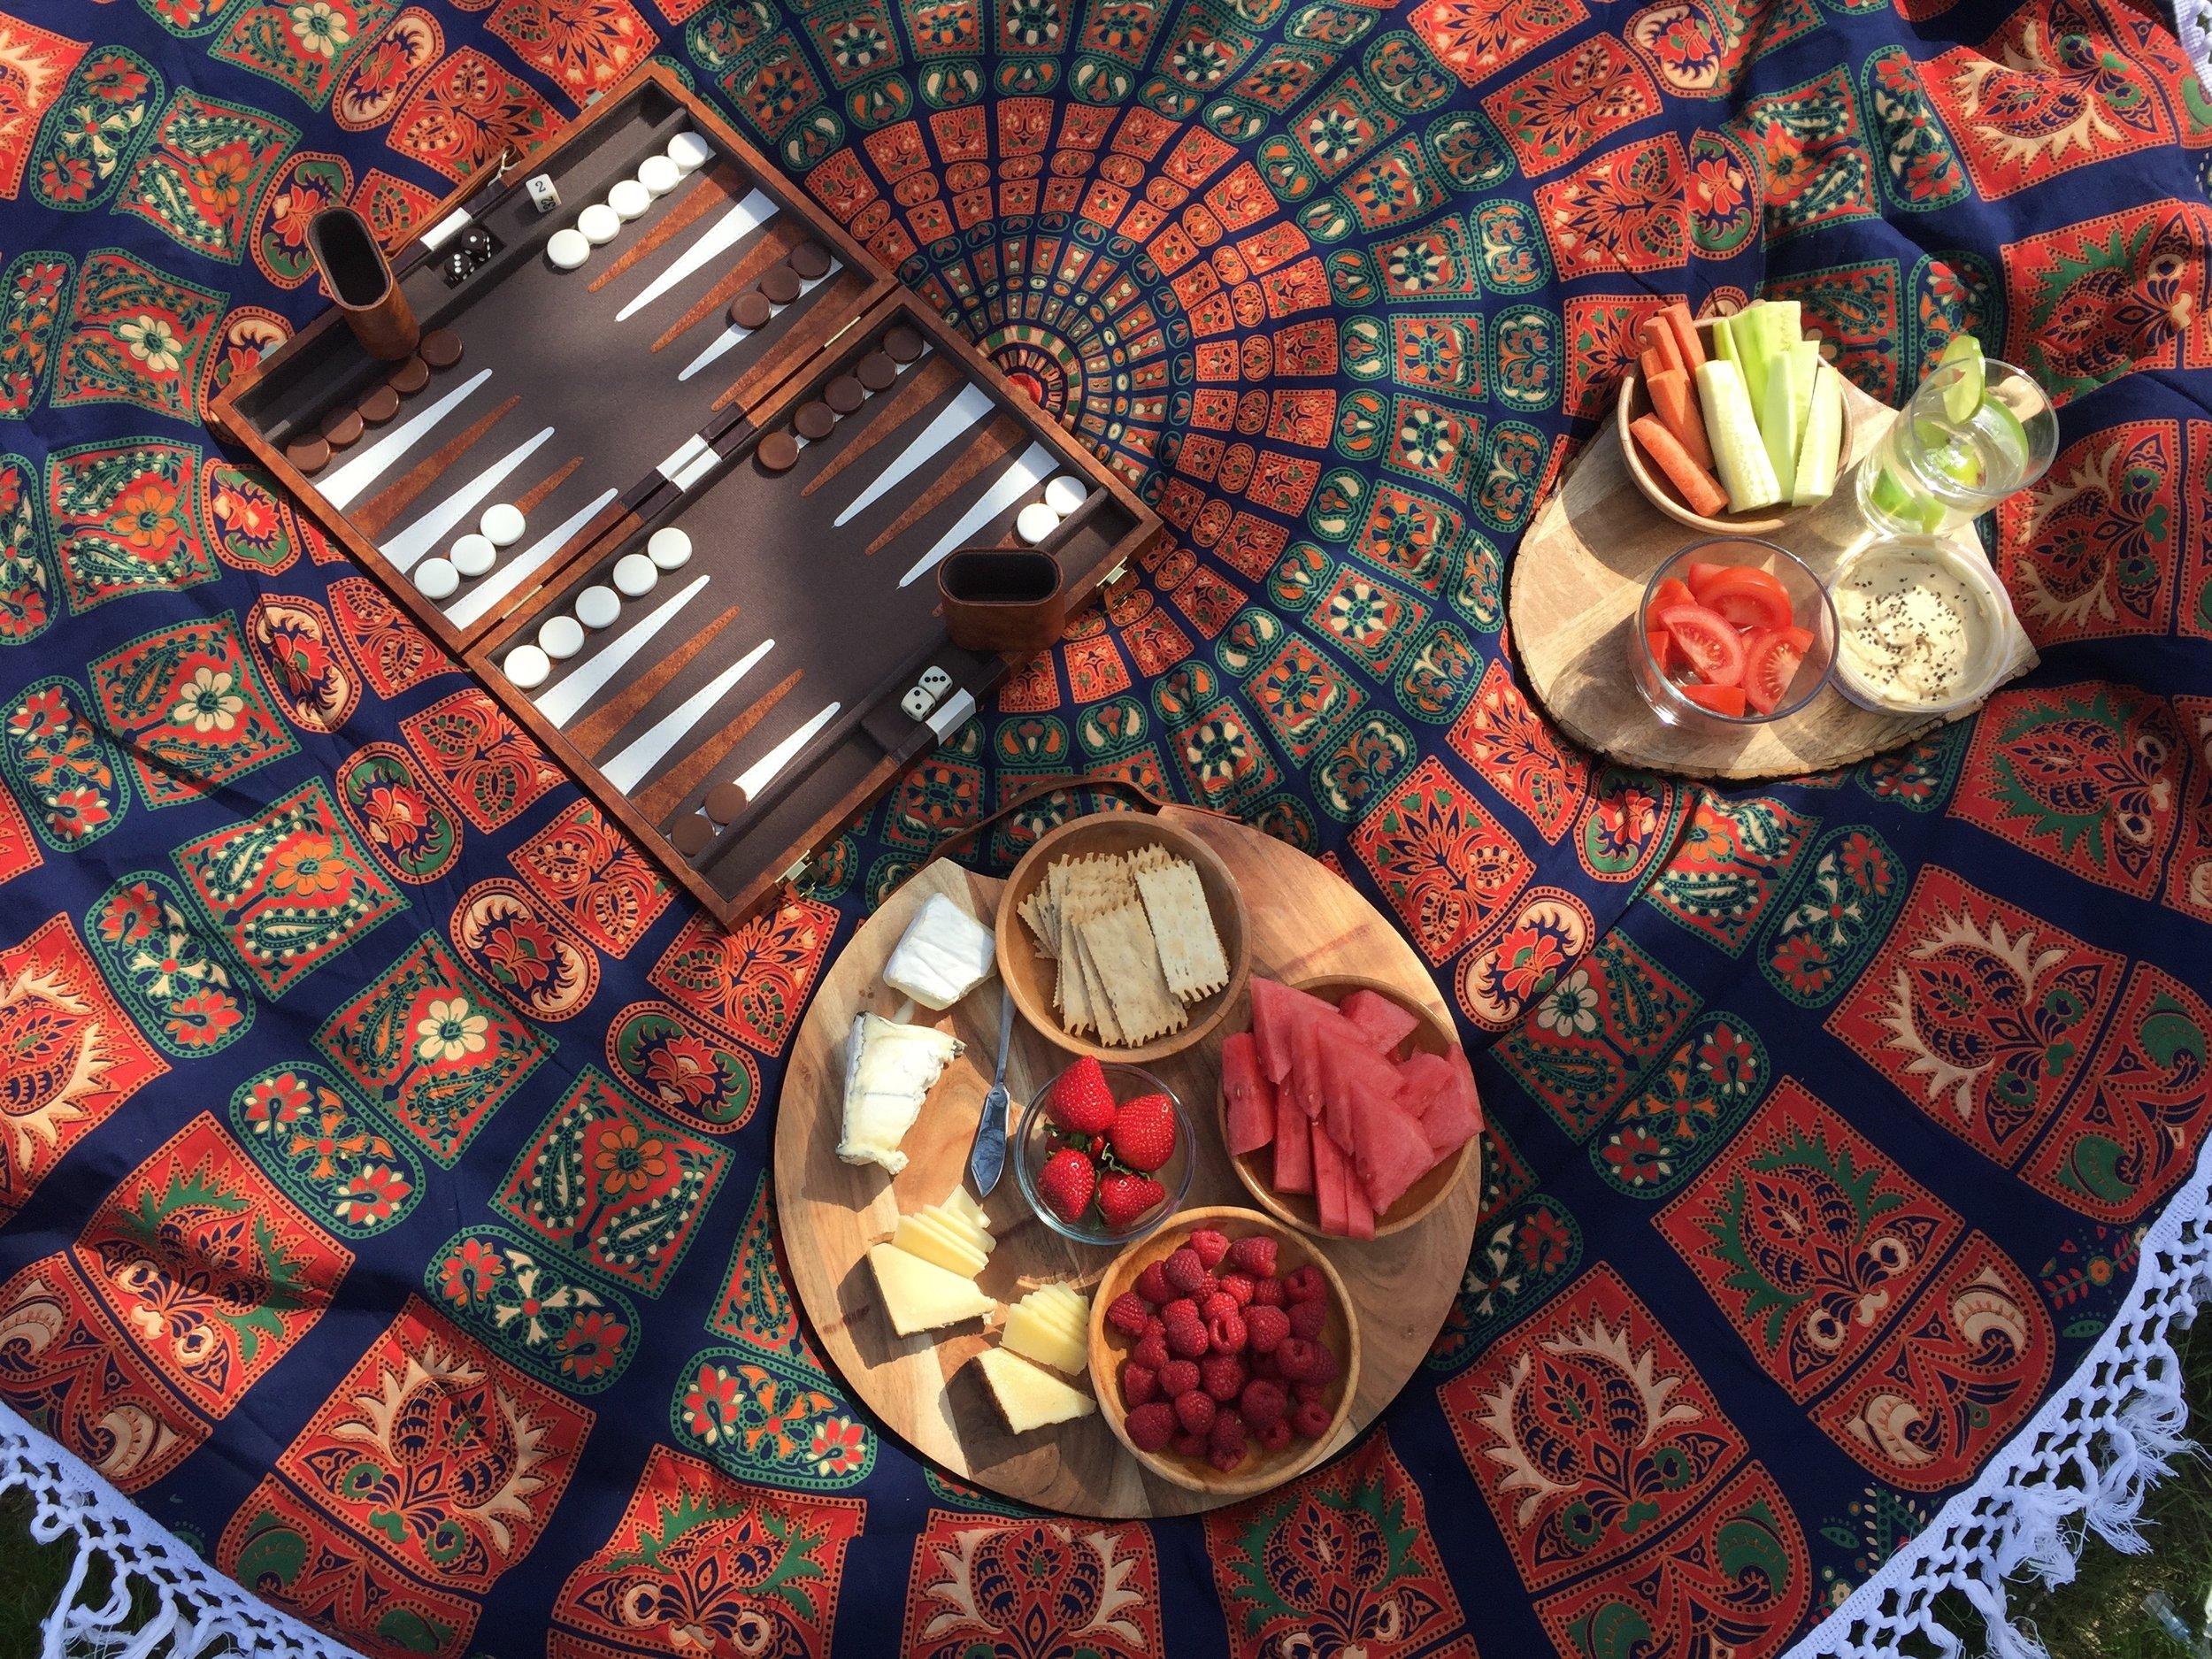 backyard picnic spread and backgammon